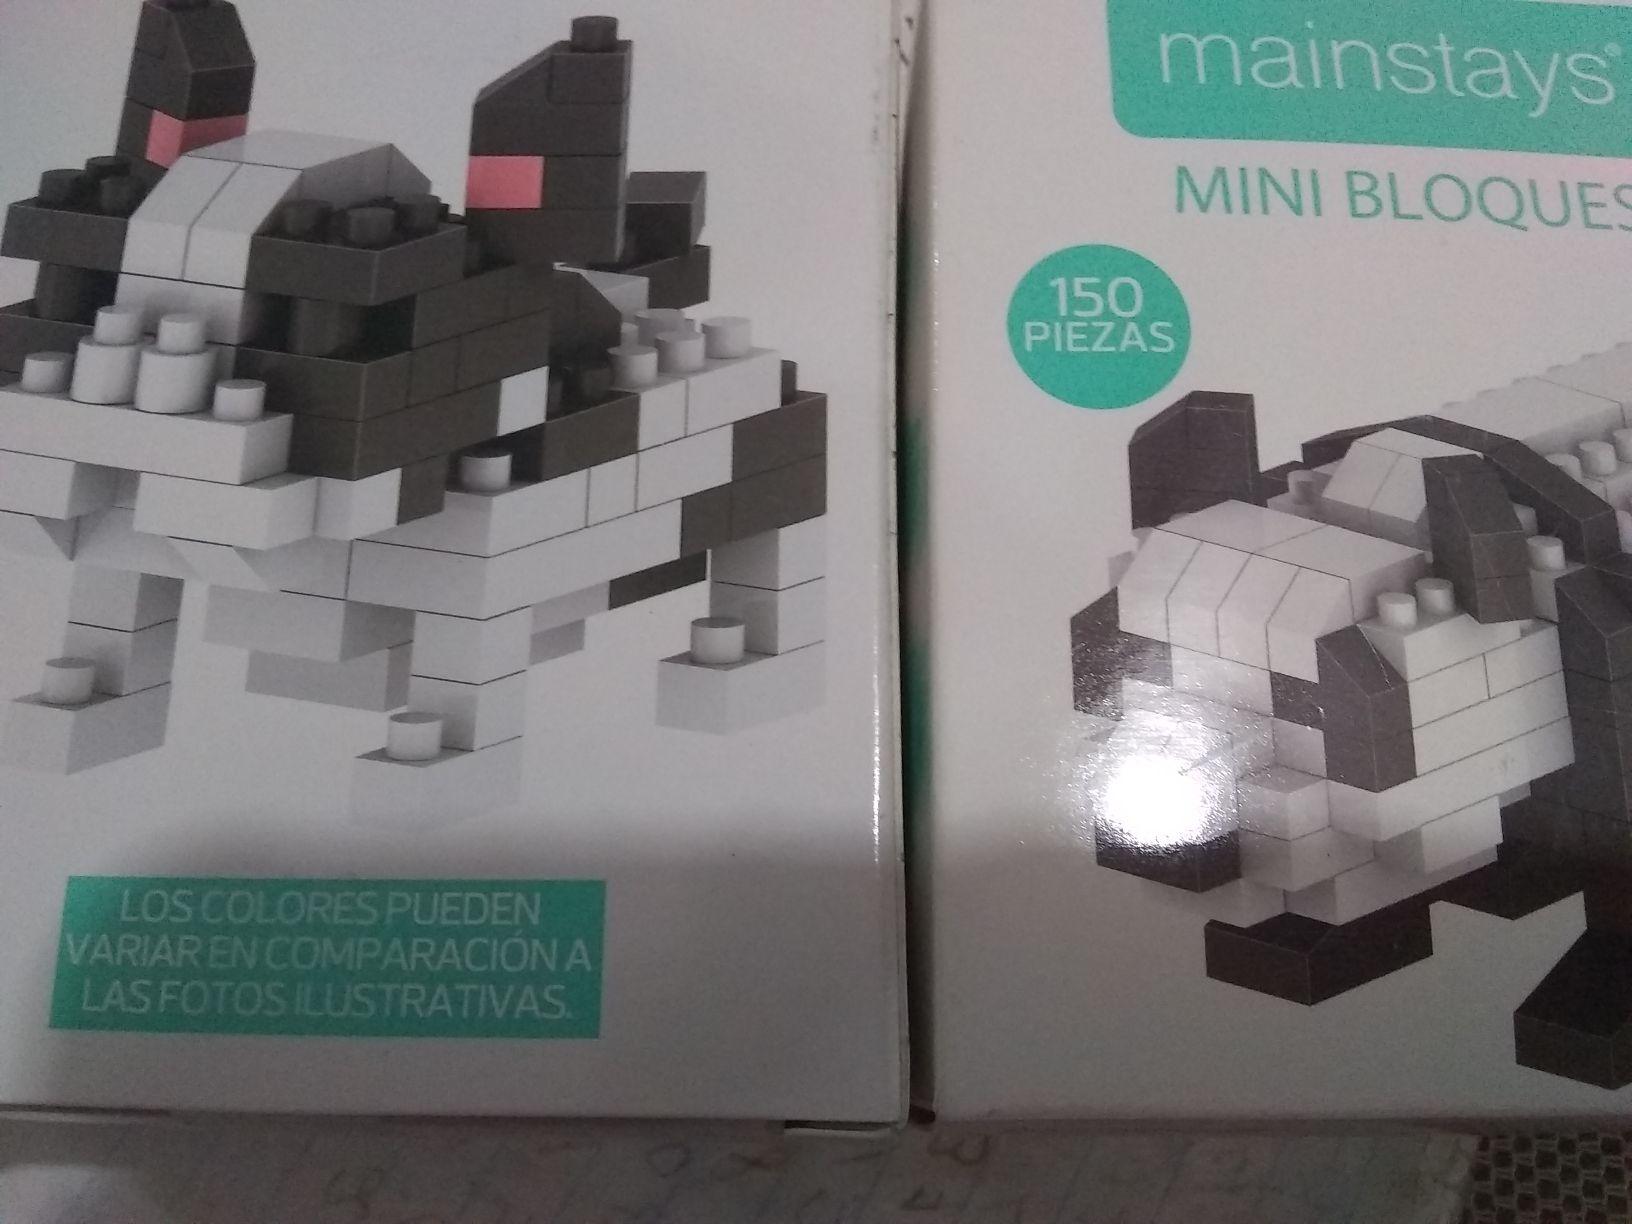 Bodega Aurrera Mini bloques, almohada y etiquetas